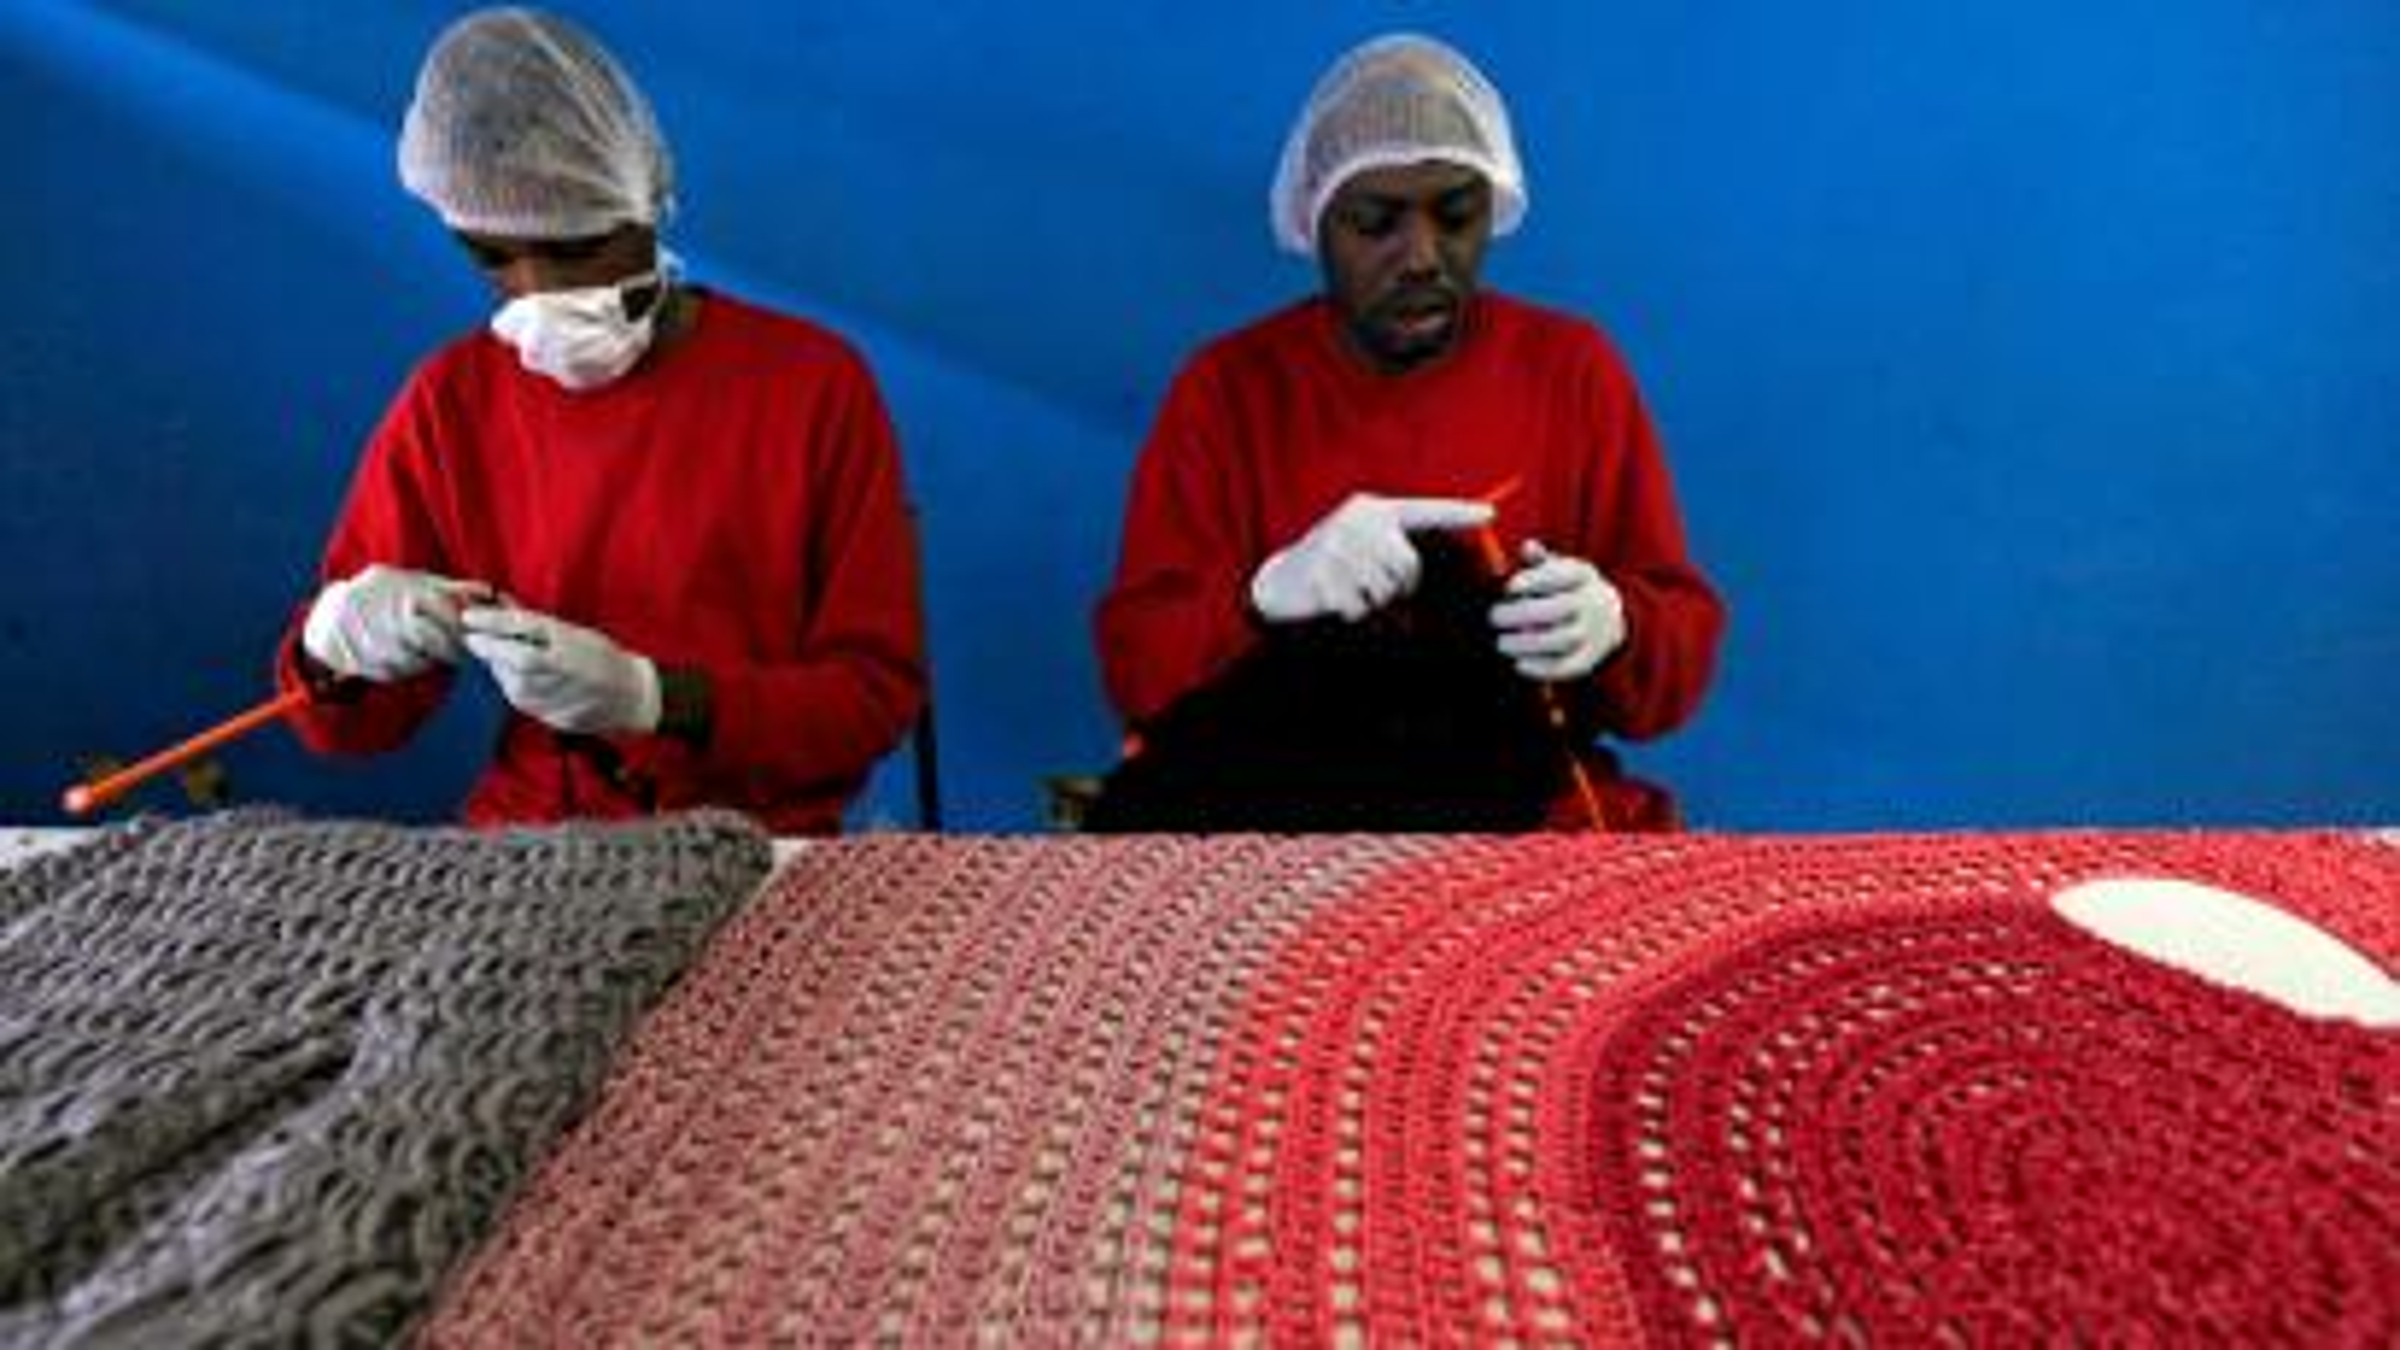 Prison inmates knitting